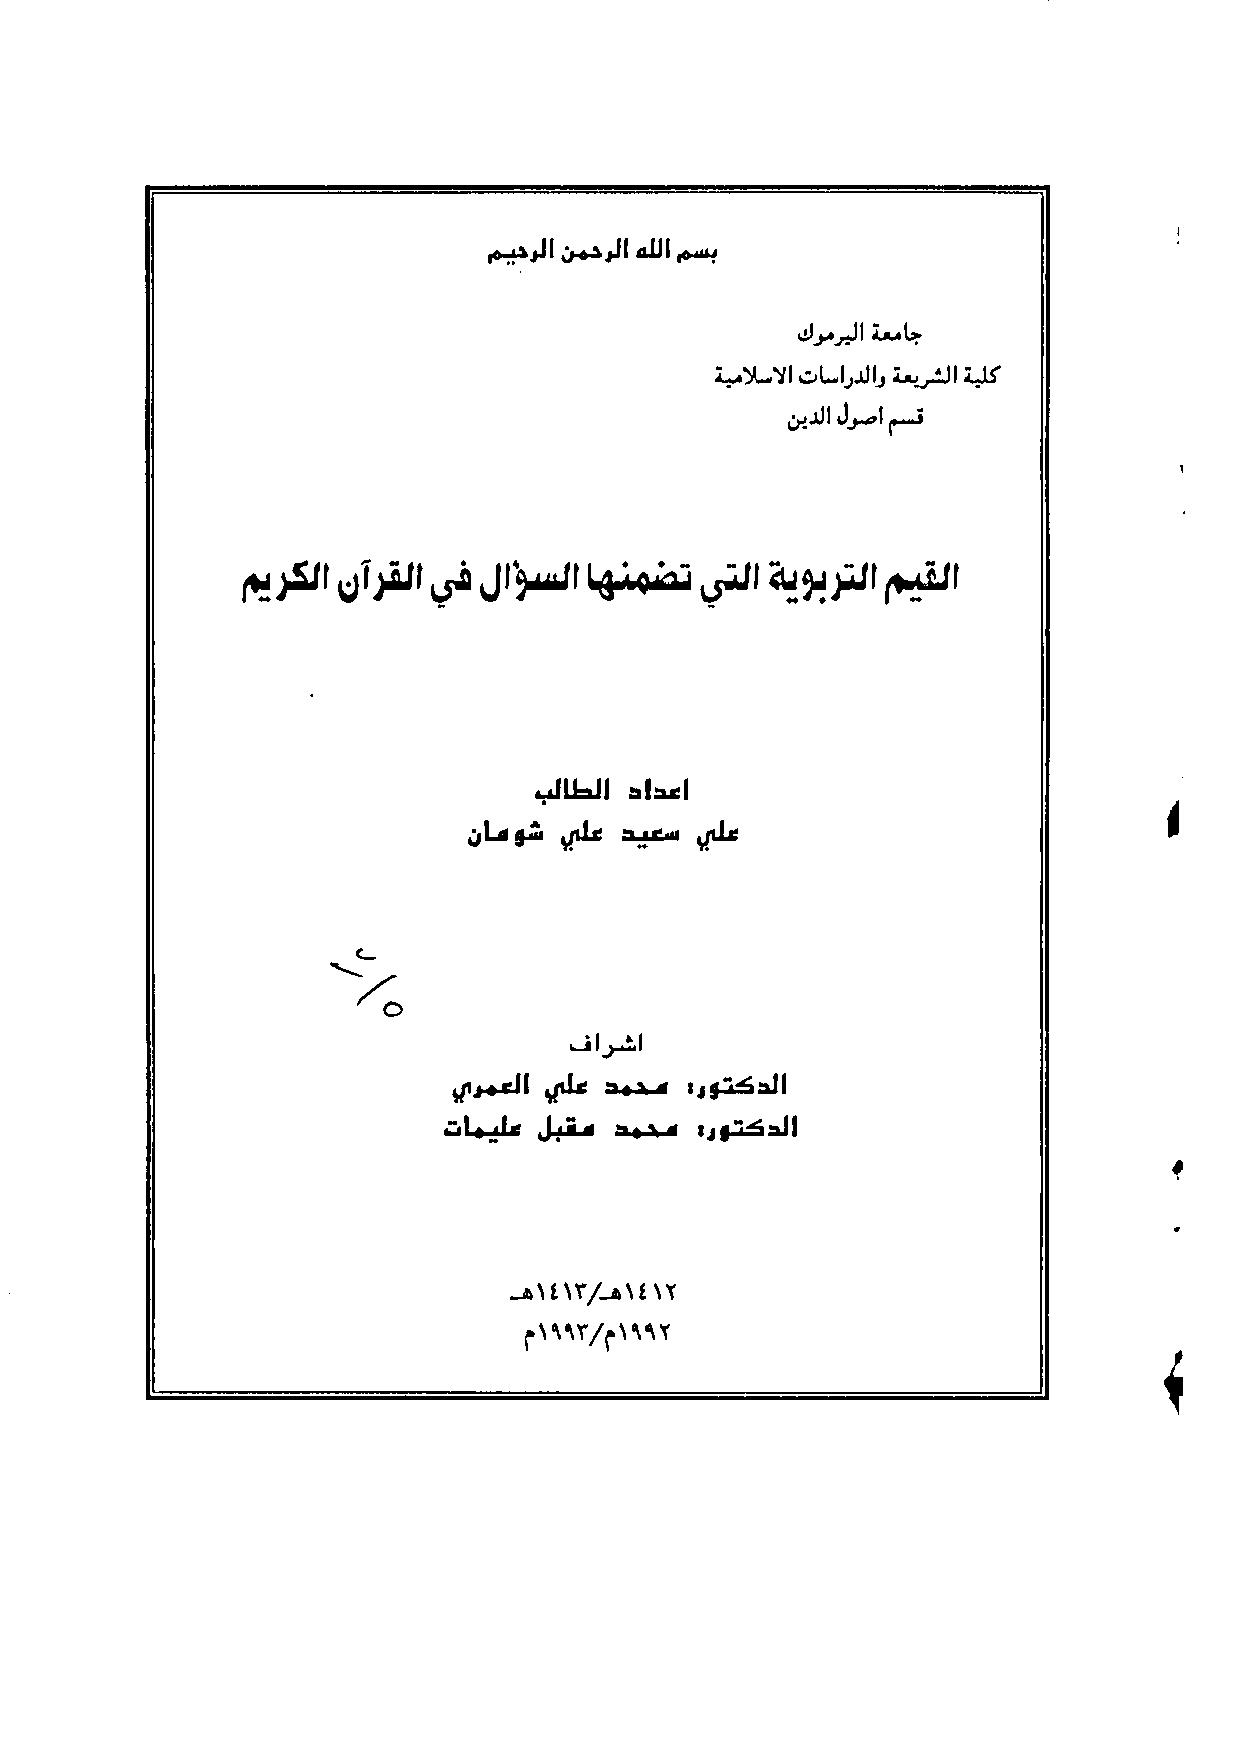 تحميل كتاب القيم التربوية التي تضمنها السؤال في القرآن الكريم لـِ: الدكتور علي سعيد علي شومان